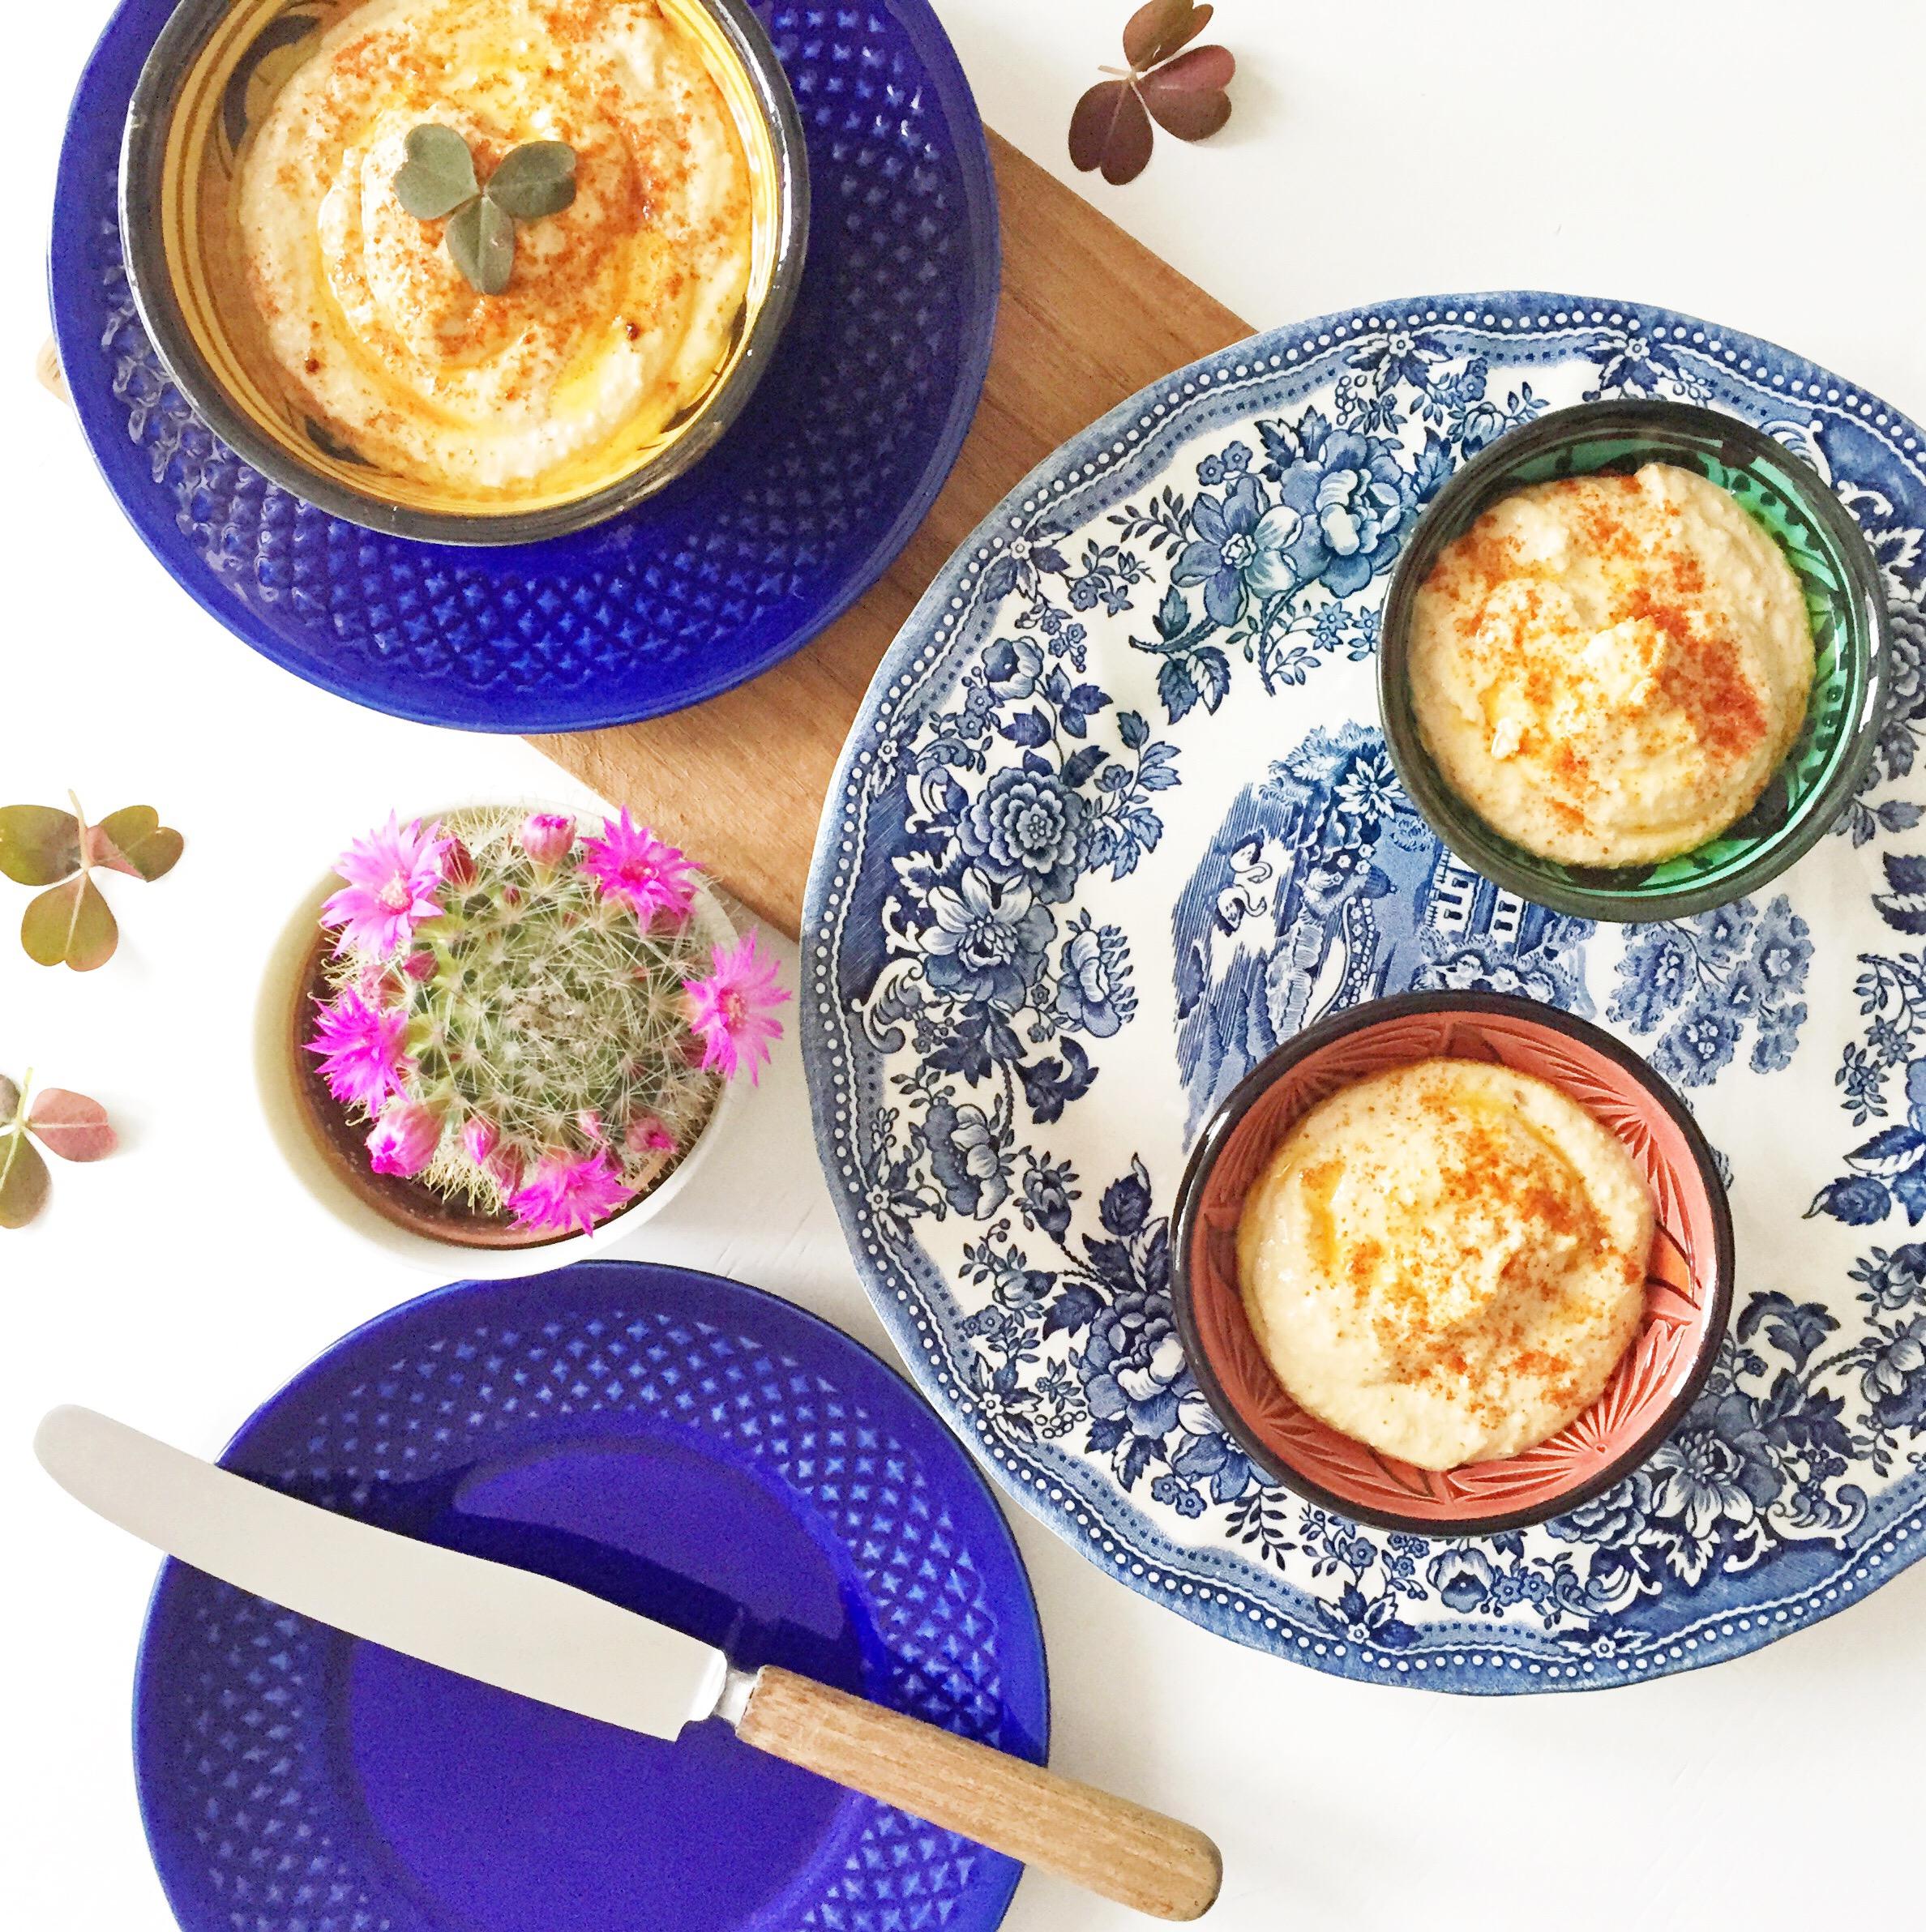 Hjemmelavet hummus eller humus serveret på keramik fra genbrugsbutik Røde Kors på Fælledvej. Blåt keramik og mønstret keramik